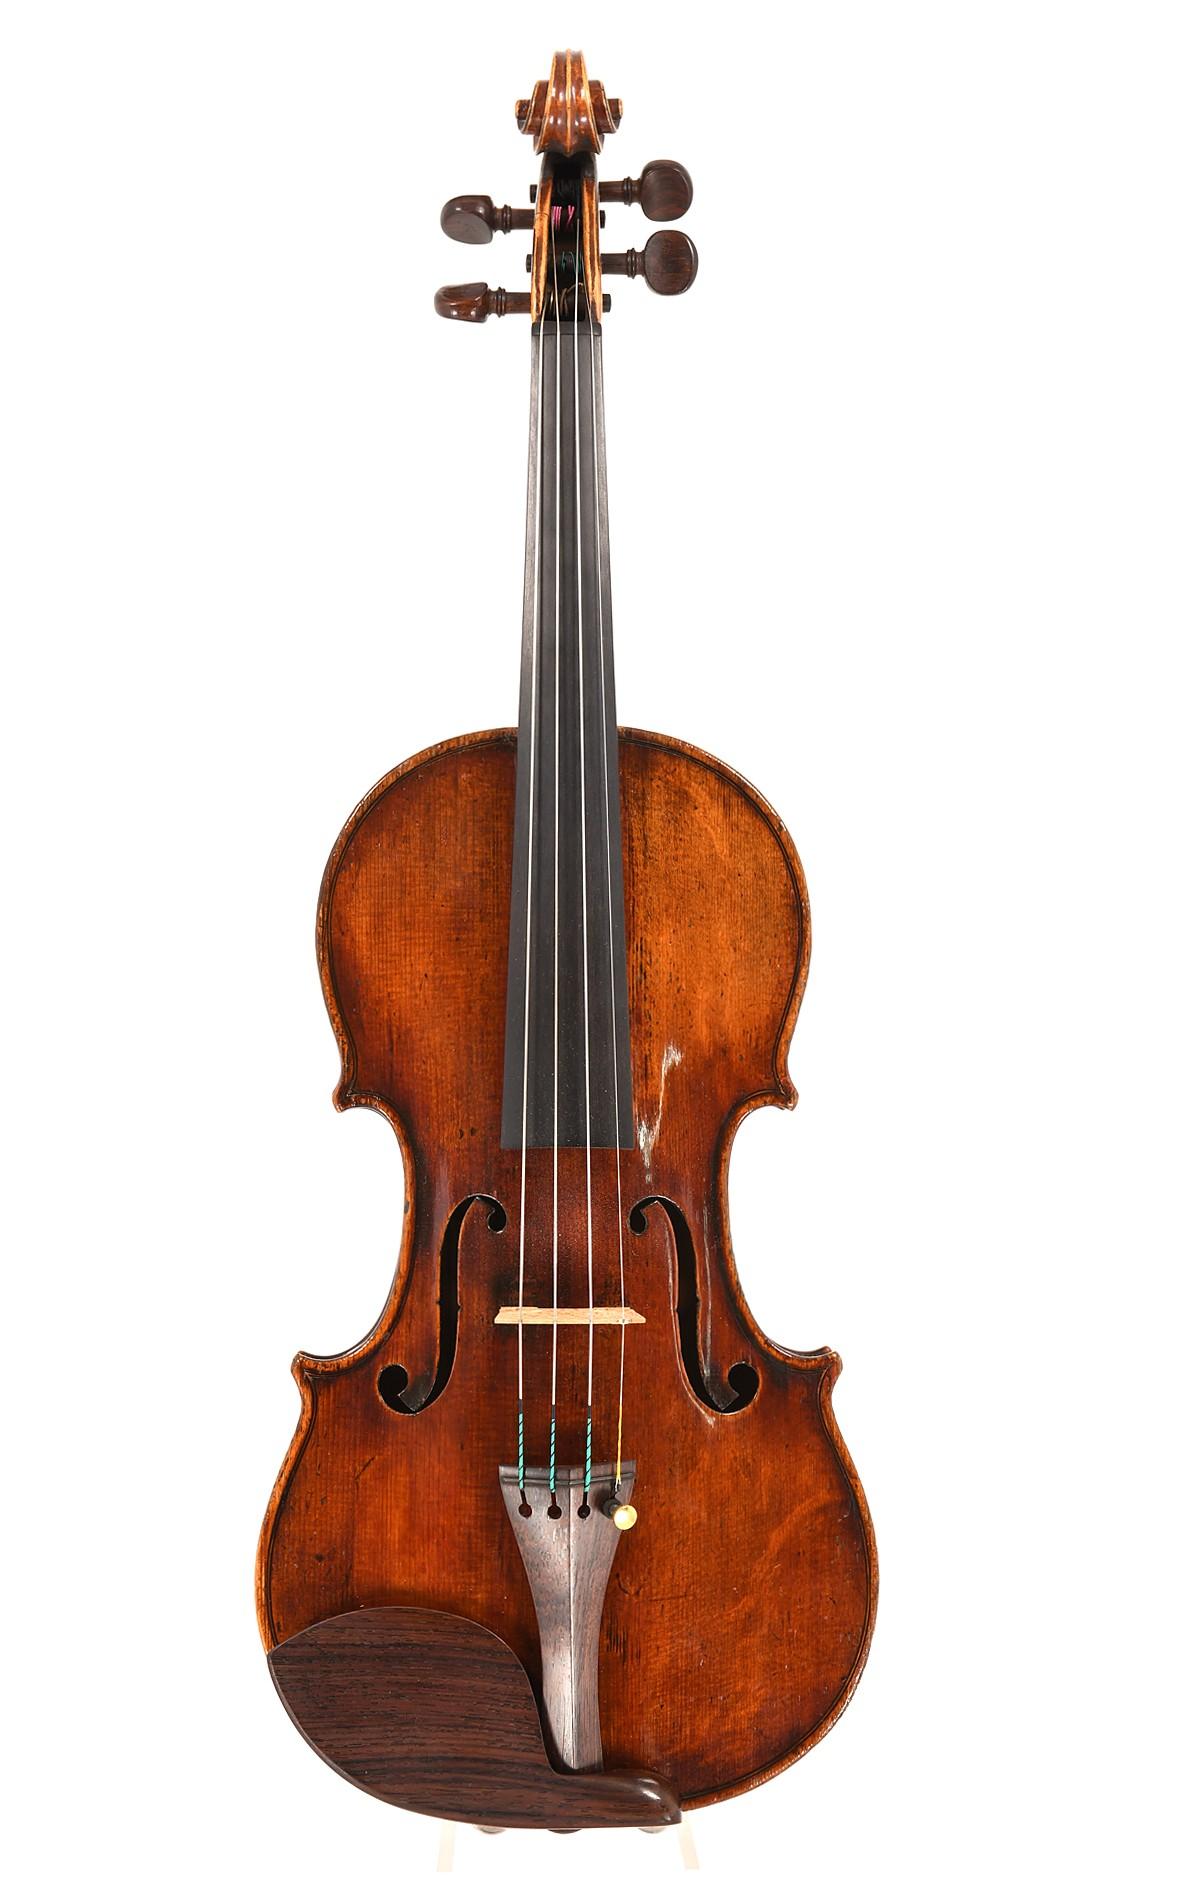 Auguste Sébastien Philippe Bernardel (Bernardel Père): fine violin